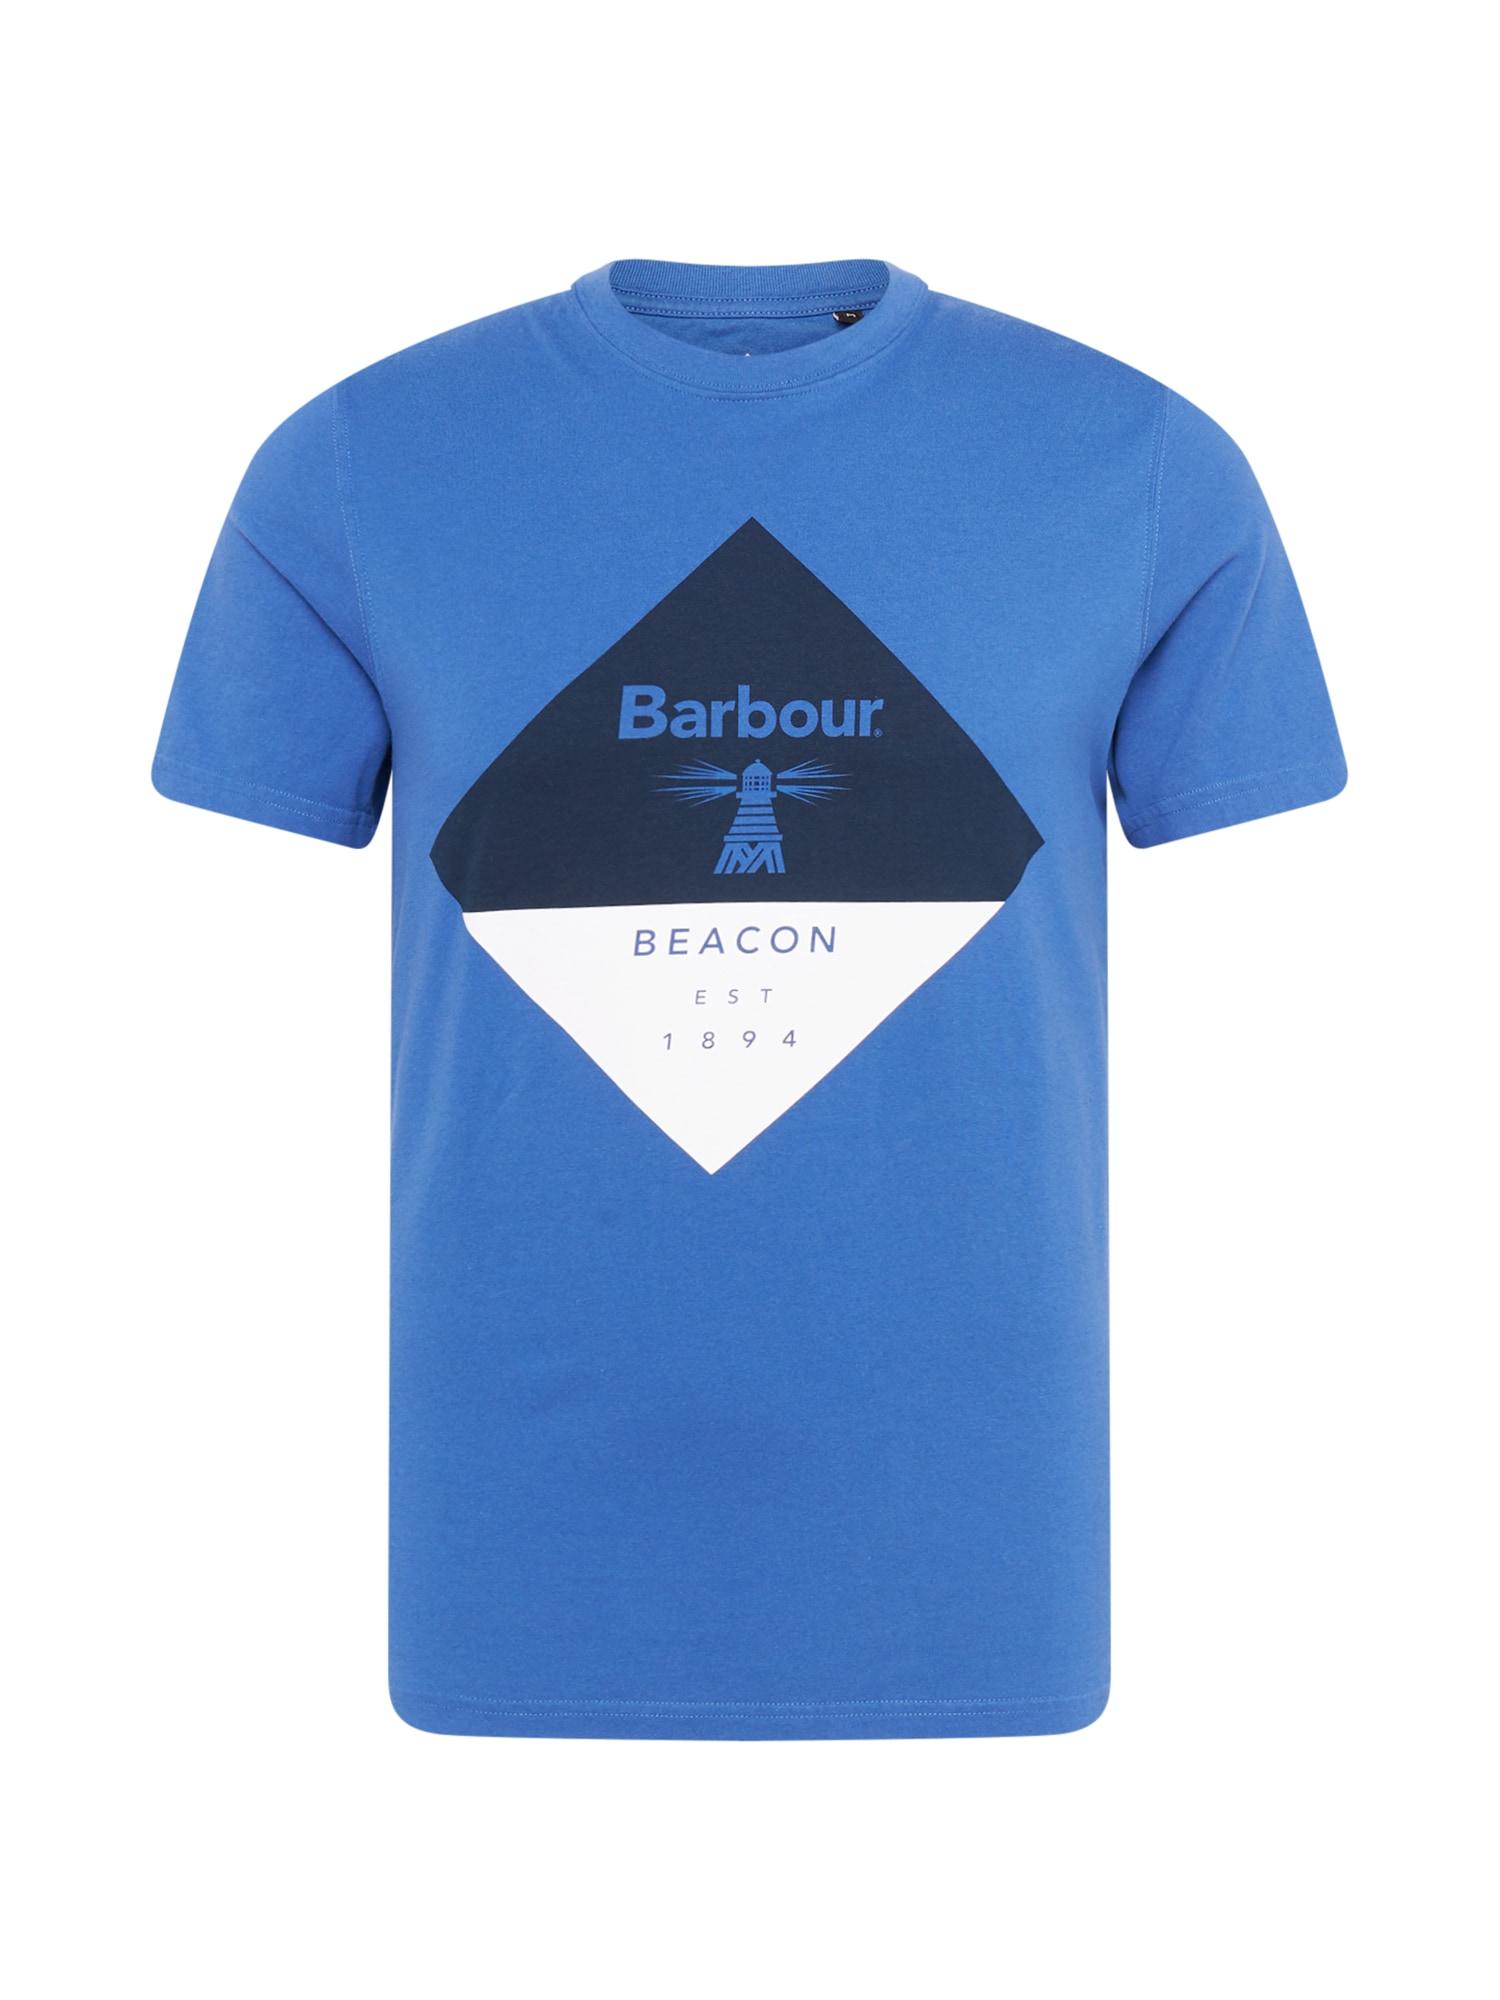 """Barbour Beacon Marškinėliai sodri mėlyna (""""karališka"""") / tamsiai mėlyna jūros spalva / balta"""